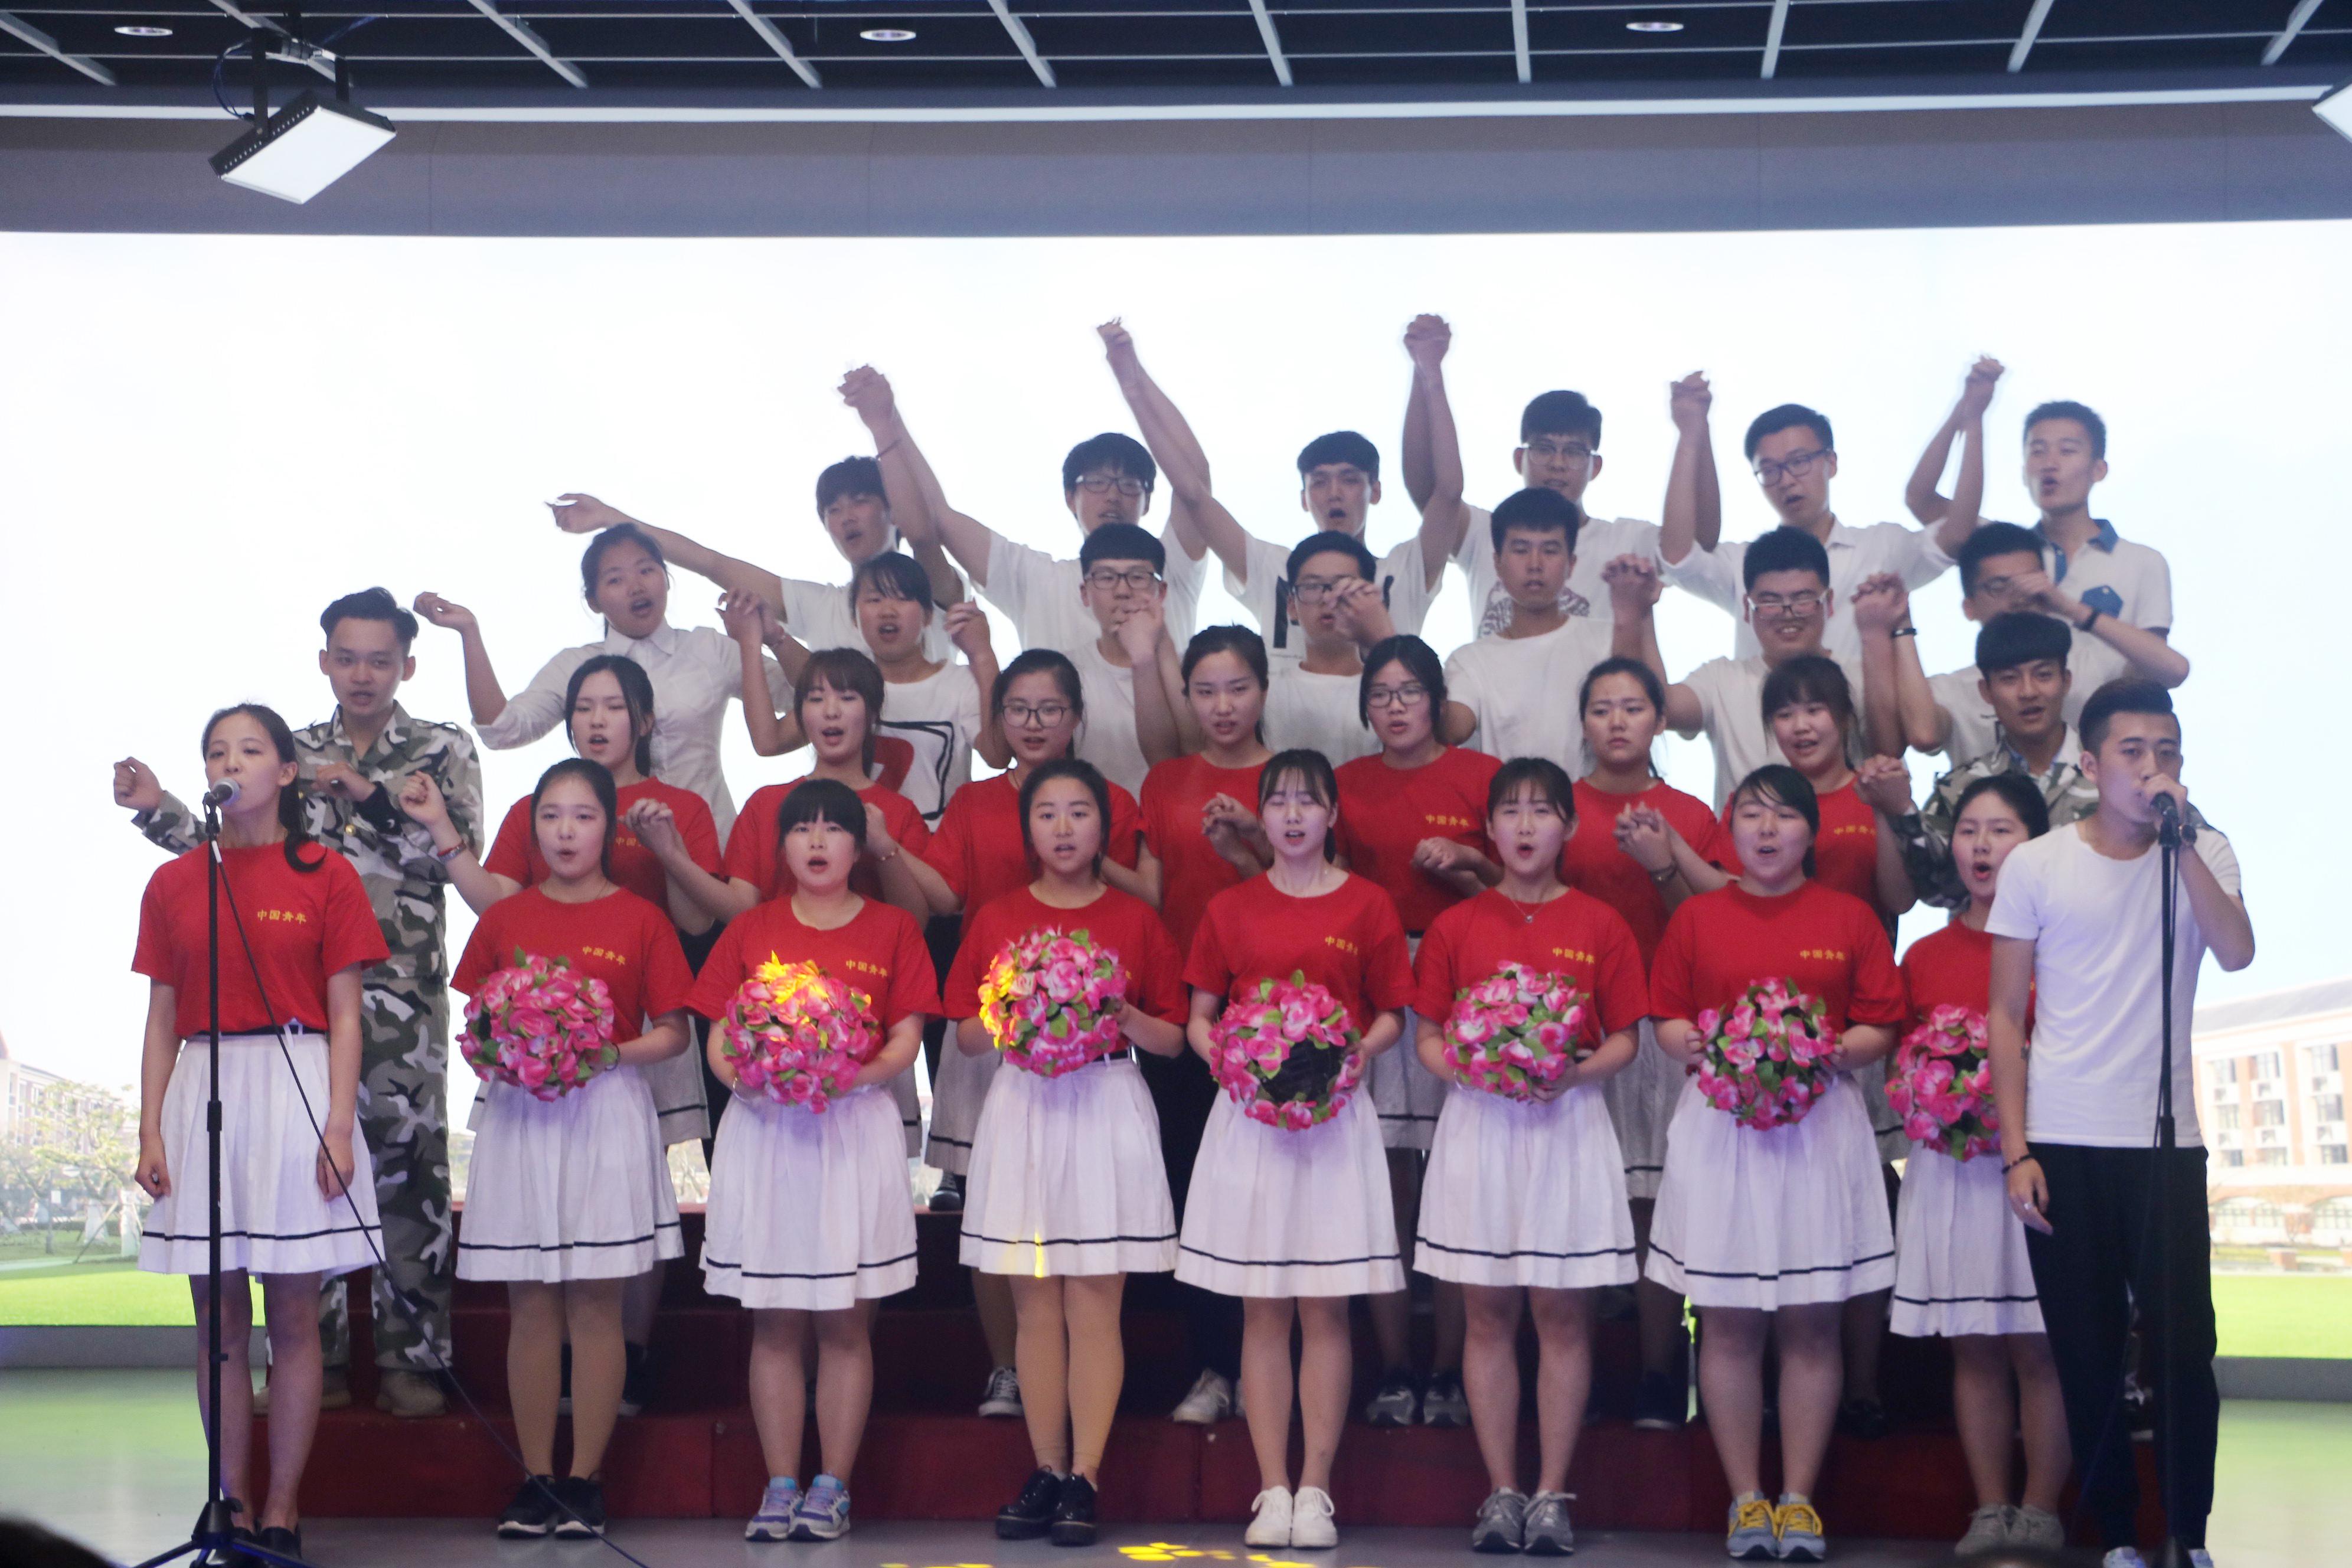 4月25日下午,新闻传播学院在演播厅举行2016年岁月如歌,以梦起航合唱比赛。新闻传播学院分团委书记毛东宇、辅导员贾存忠等出席现场观摩。 本次比赛共有五支队伍参加。15级秘书系演唱《大中国》,伴随着优雅、动听的钢琴旋律,男女声整齐而洪亮;15级新闻系以男女分声部的形式展现《相亲相爱一家人》,温暖的歌声使人沉醉至其中;15级传播系带来气势磅礴的《没有共产党就没有新中国》,期间,还穿插了由罗昊宇、董伟轩同学带来的情景剧,引起台下掌声连连;15级广告系演绎《我的未来不是梦》,同学们手捧鲜花,摇动身体,唱出梦想